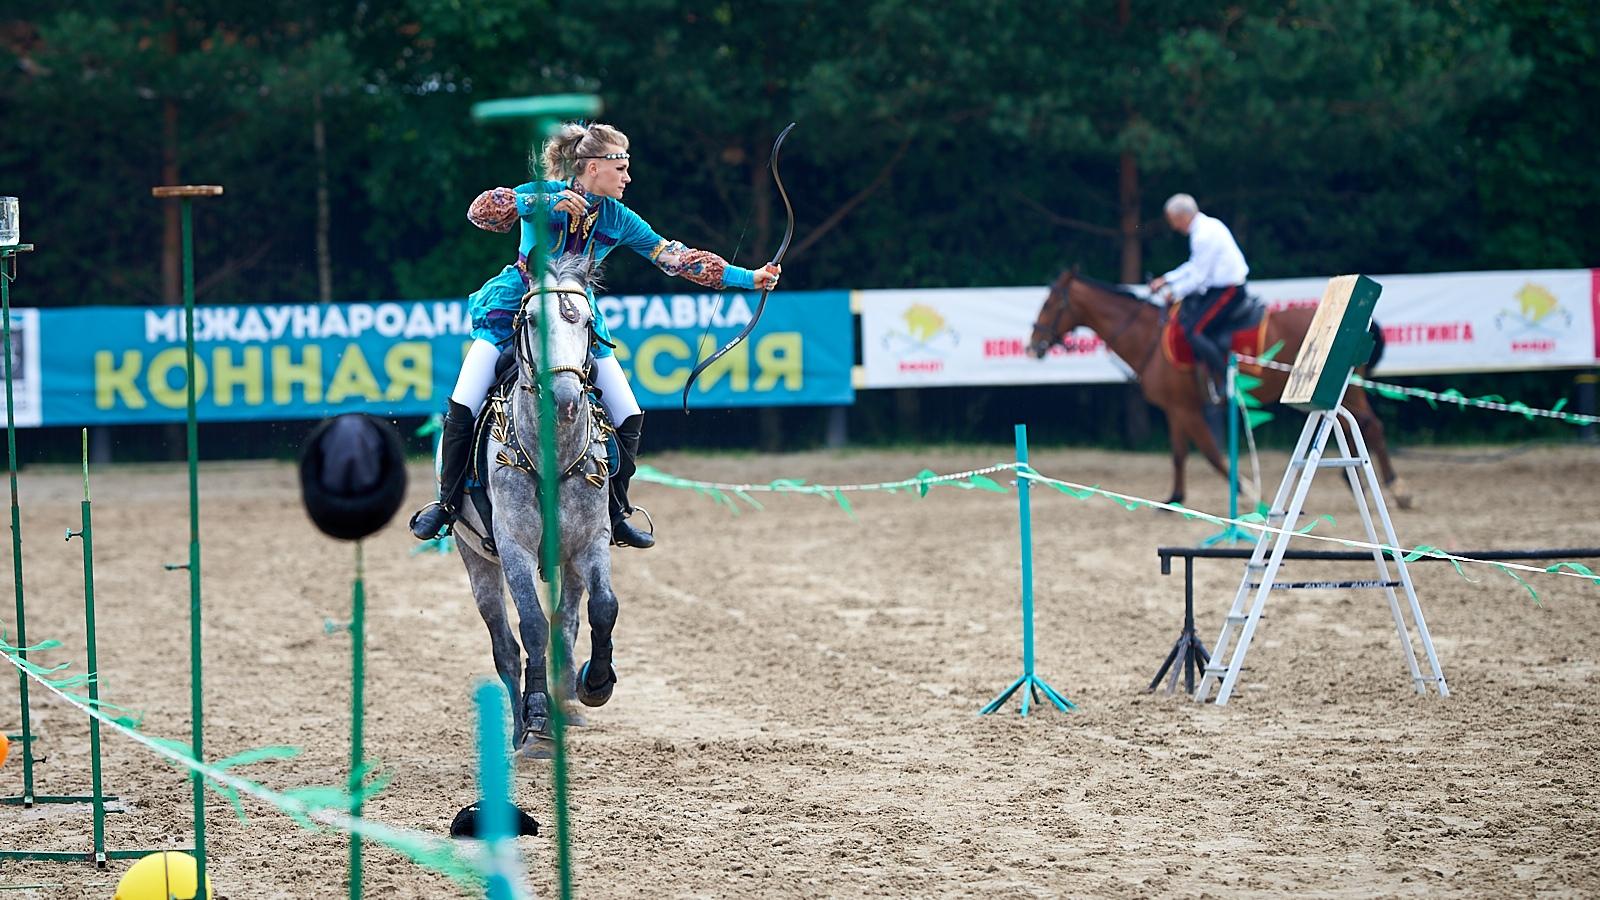 Несколько фото с Чемпионата мира по джигитовке в Лыткарино.